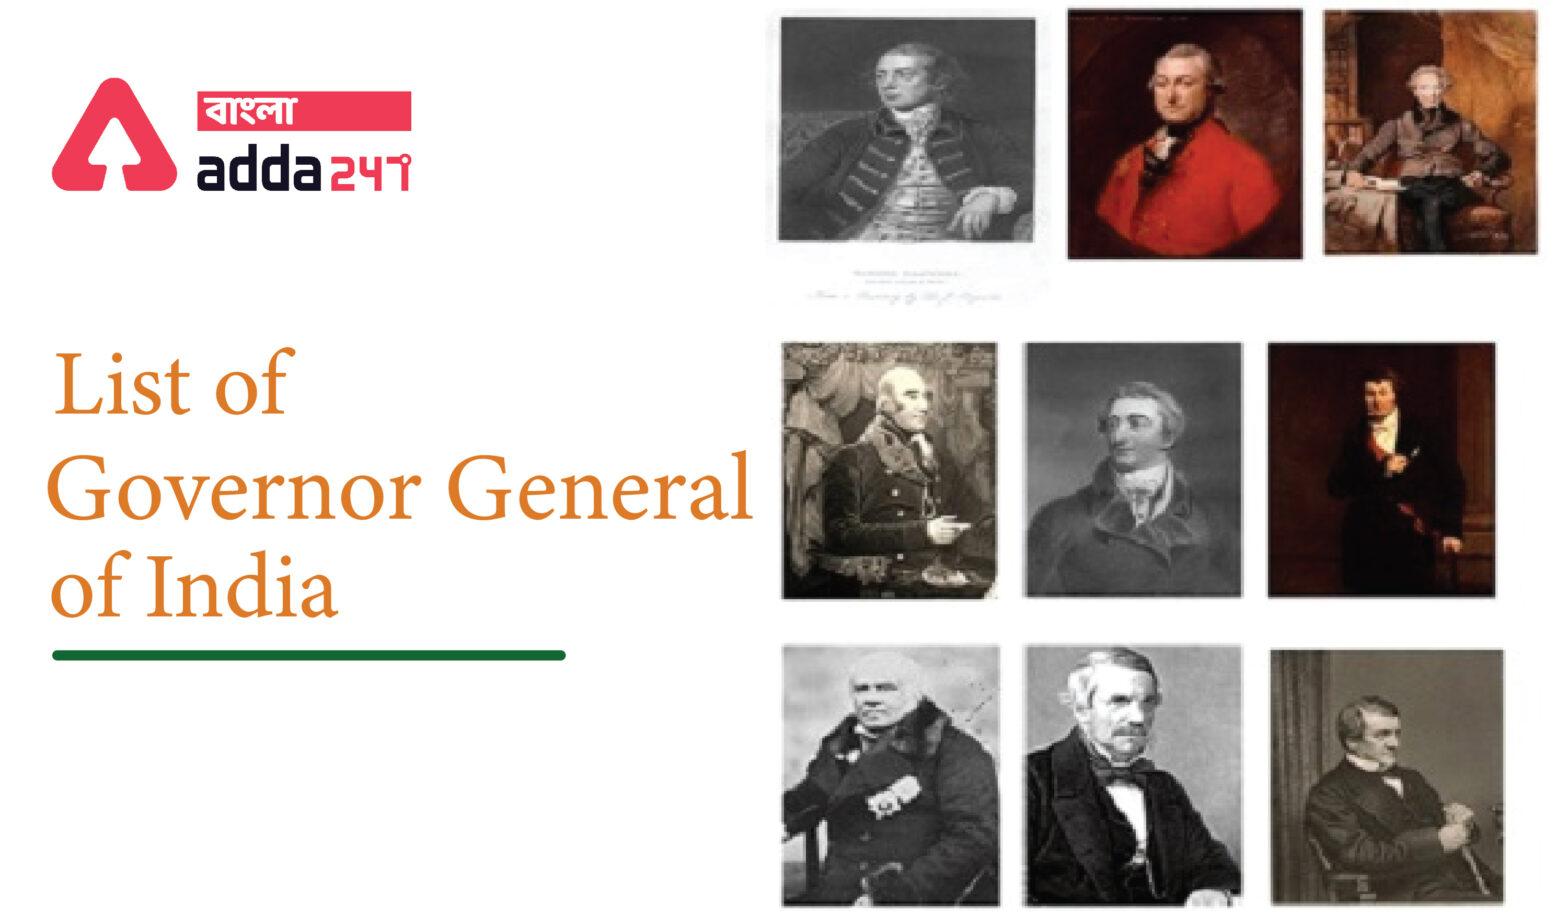 ভারতের গভর্নর-জেনারেলদের তালিকা(List of Governor General of India)_40.1